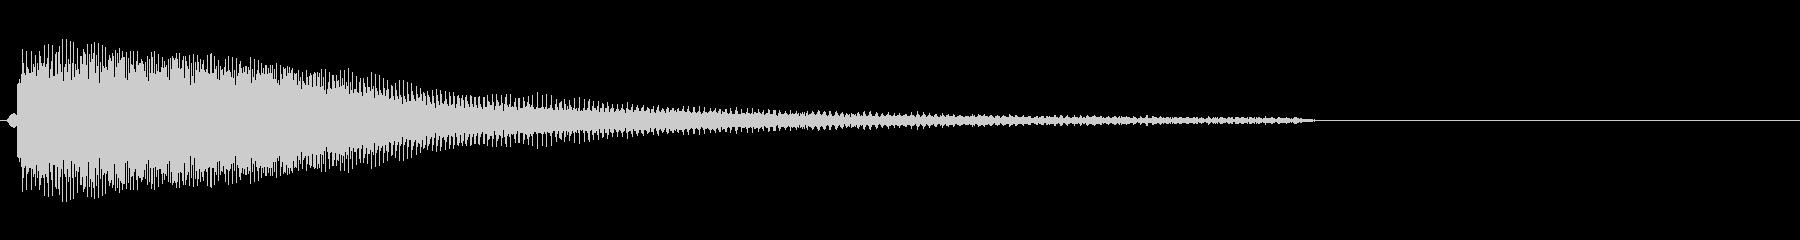 スチールギター:スライドダウン、漫...の未再生の波形